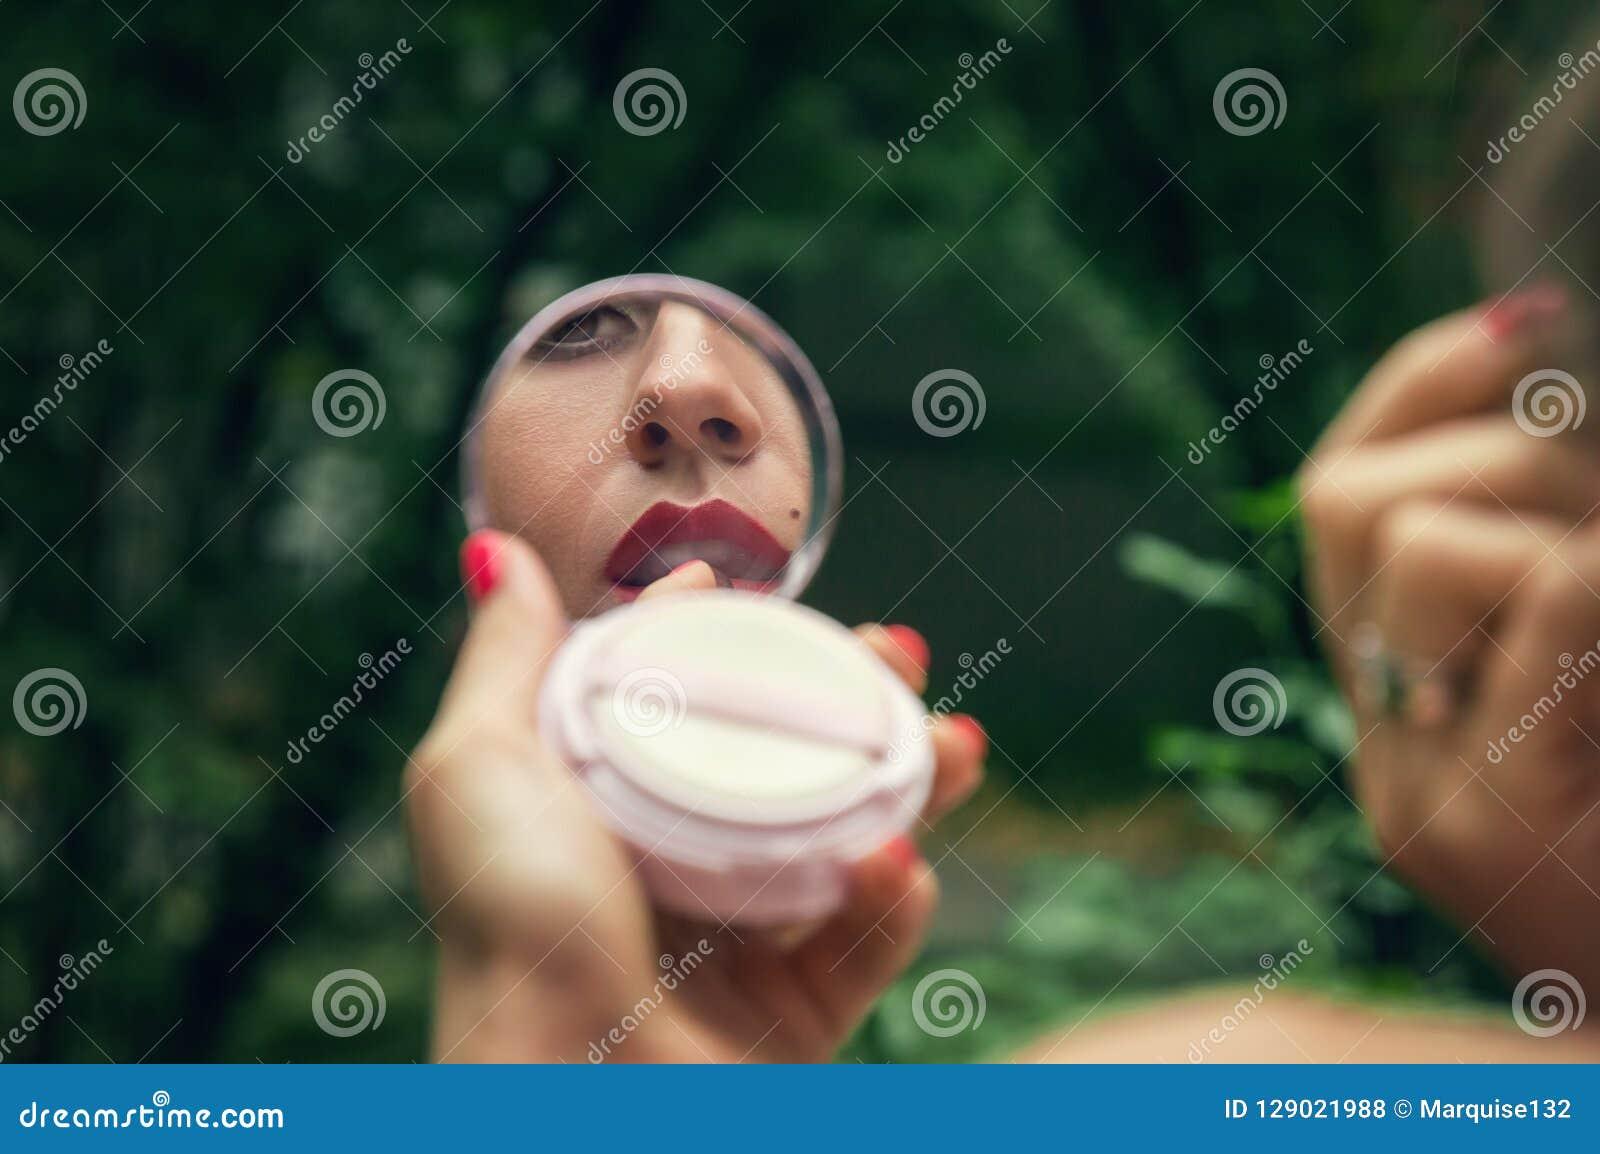 Reflexion von Lippen in einem Spiegel des Vertrages, der die Mädchenfärbung mit rotem Lippenstift Ein grüner Park auf einem Hinte